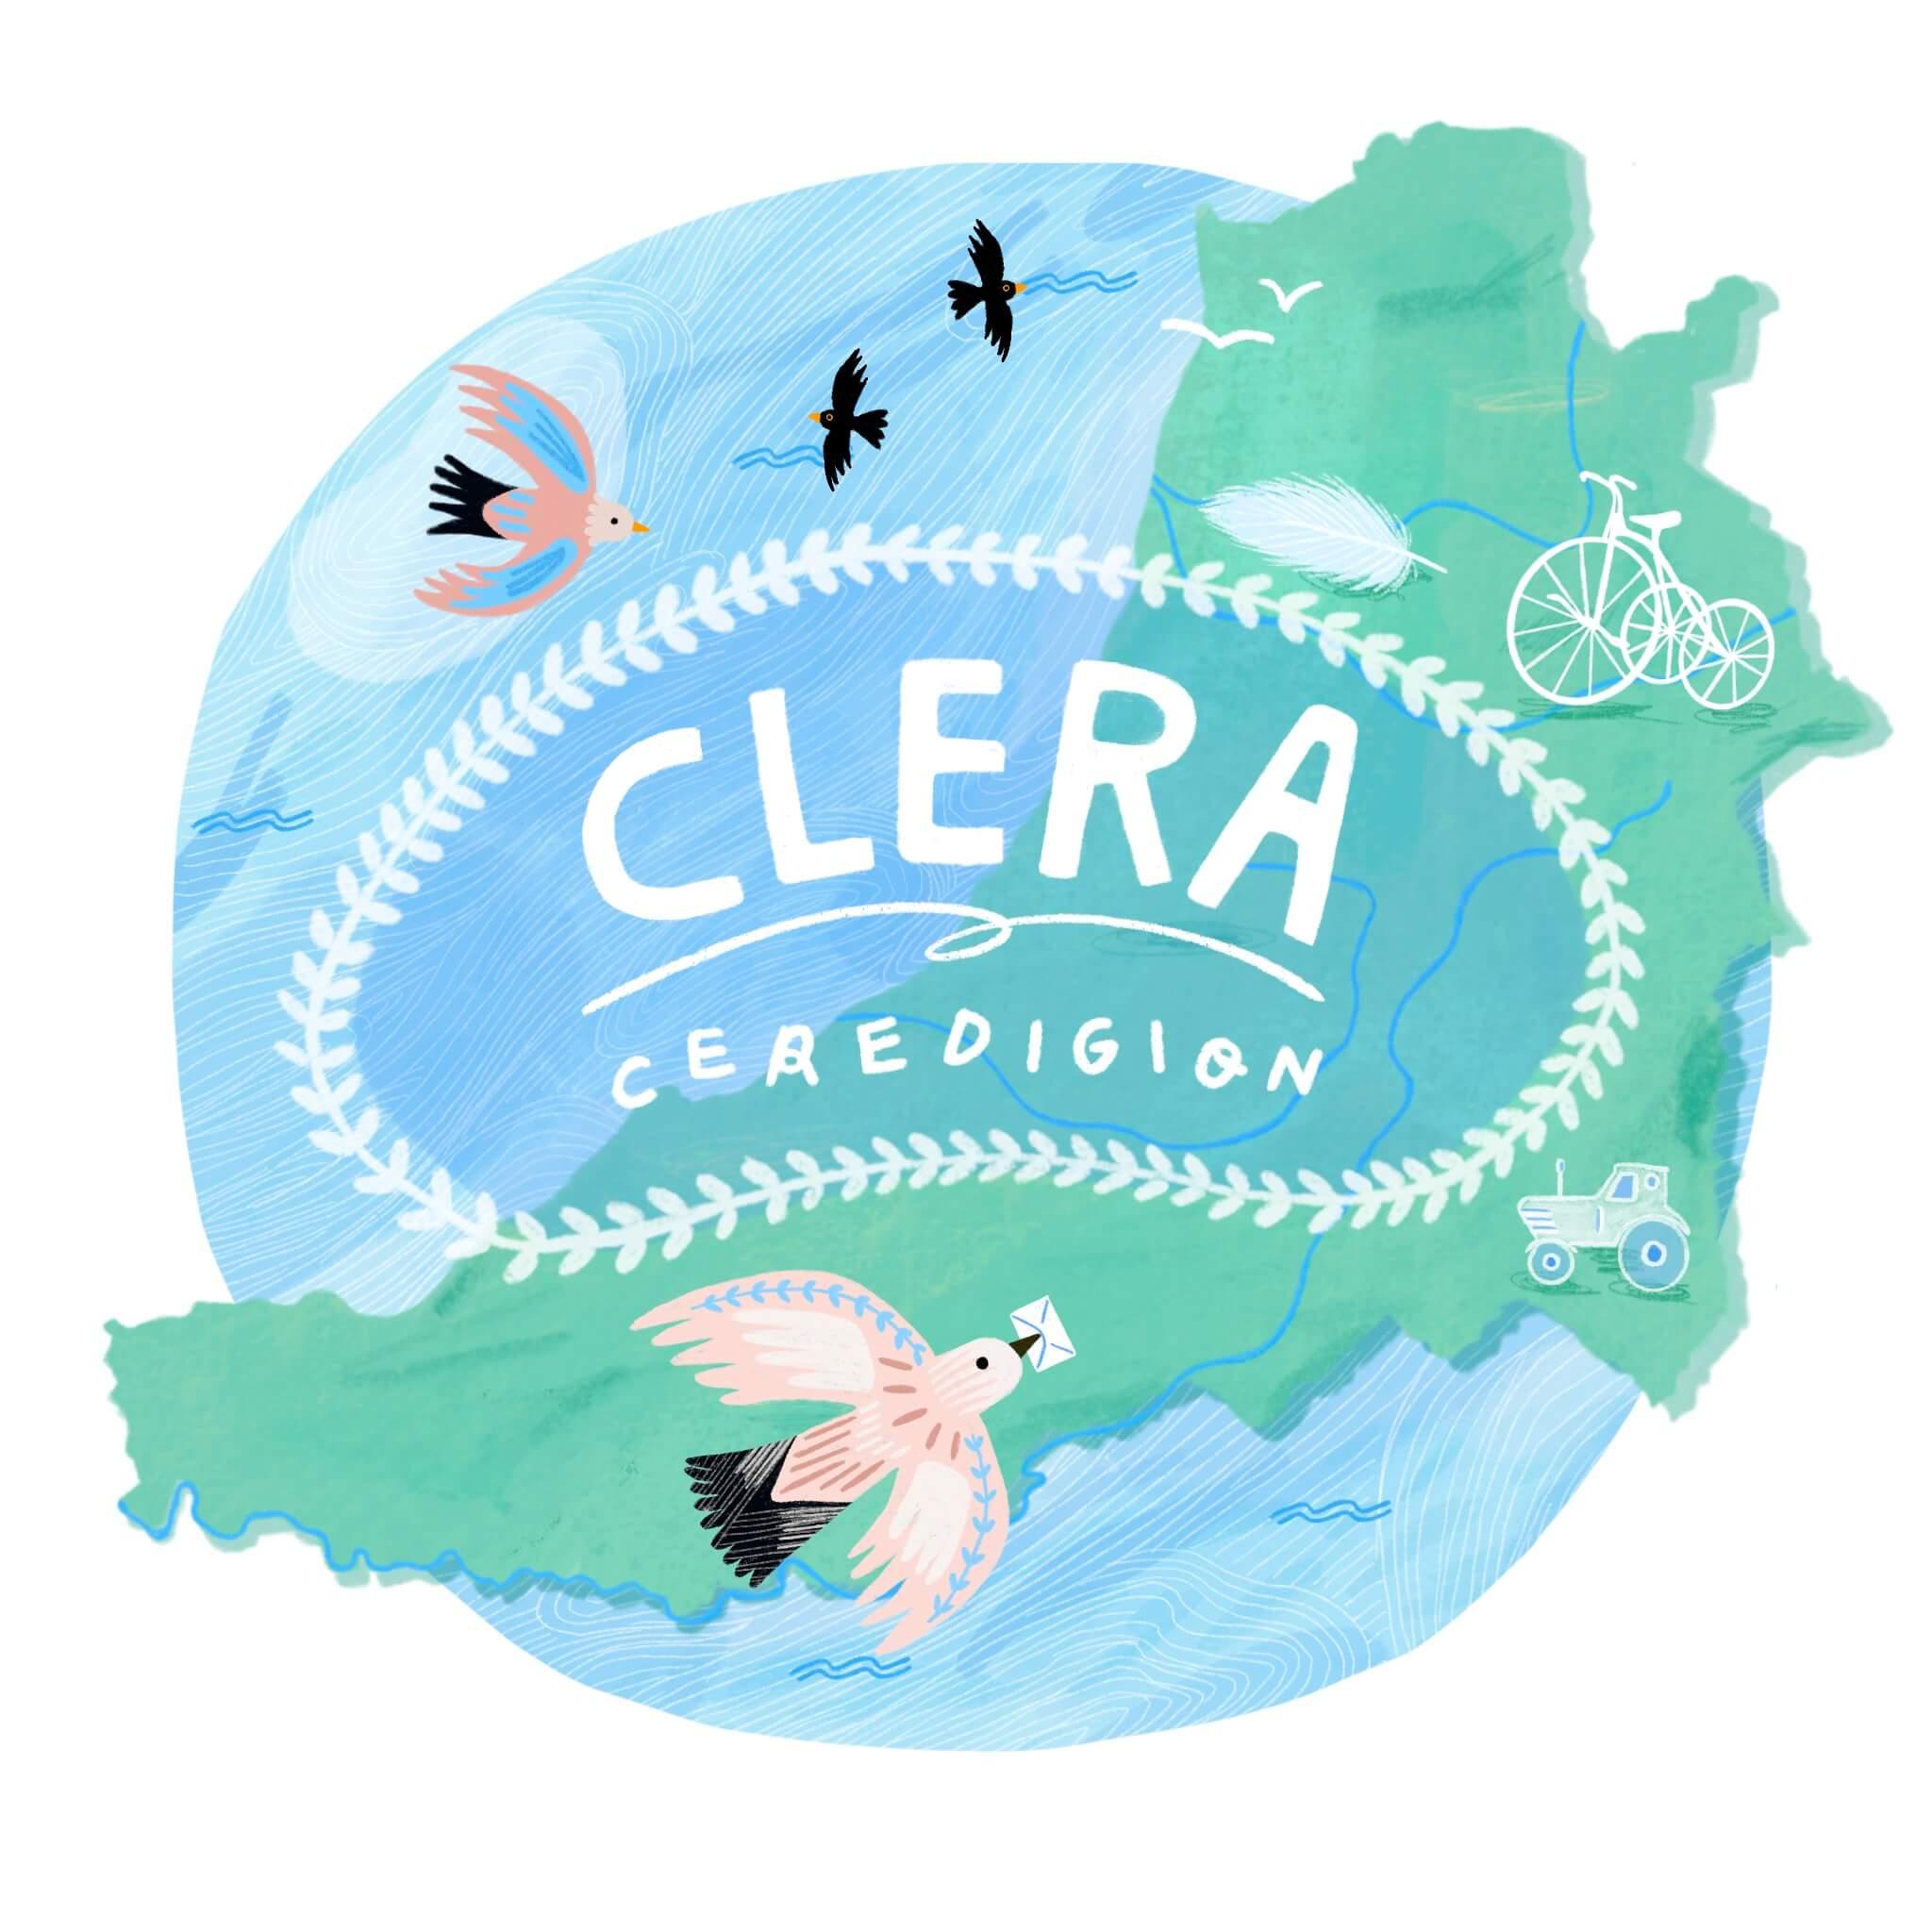 CLERA Ceredigion – Stori Chi yn eich Lleoliad Chi